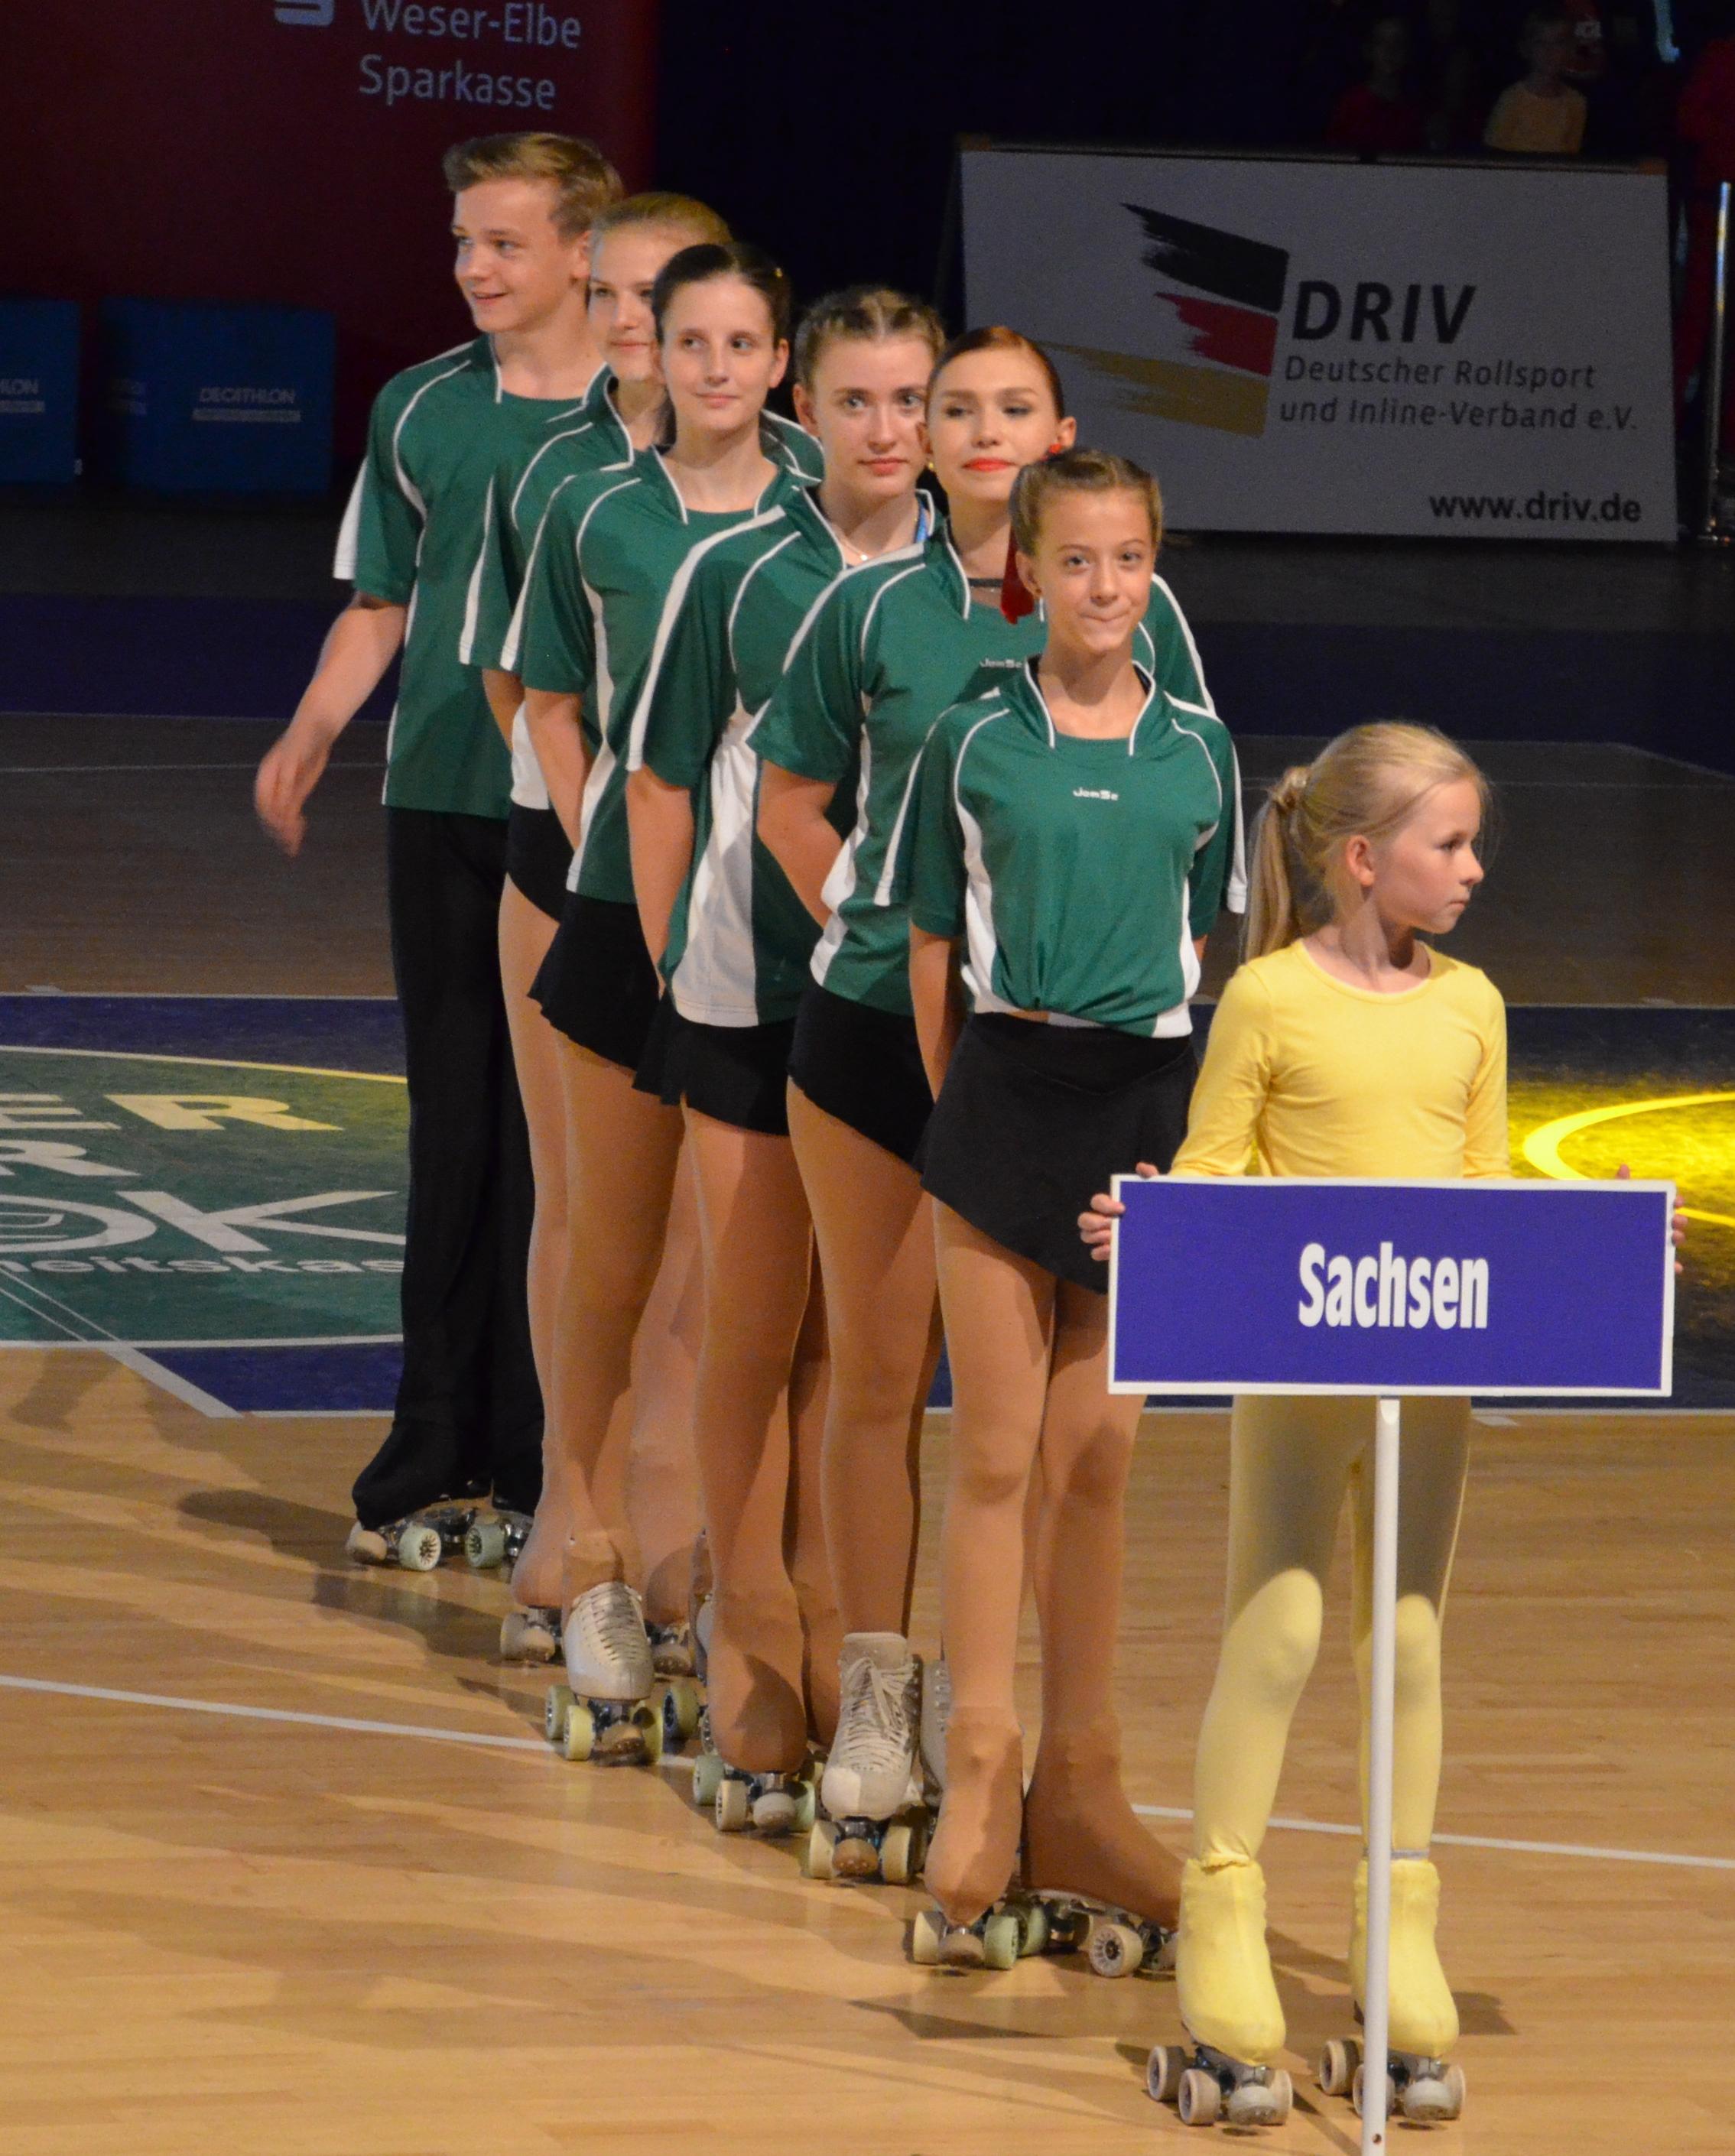 Team Sachsen bei den Deutschen Meisterschaften 2018